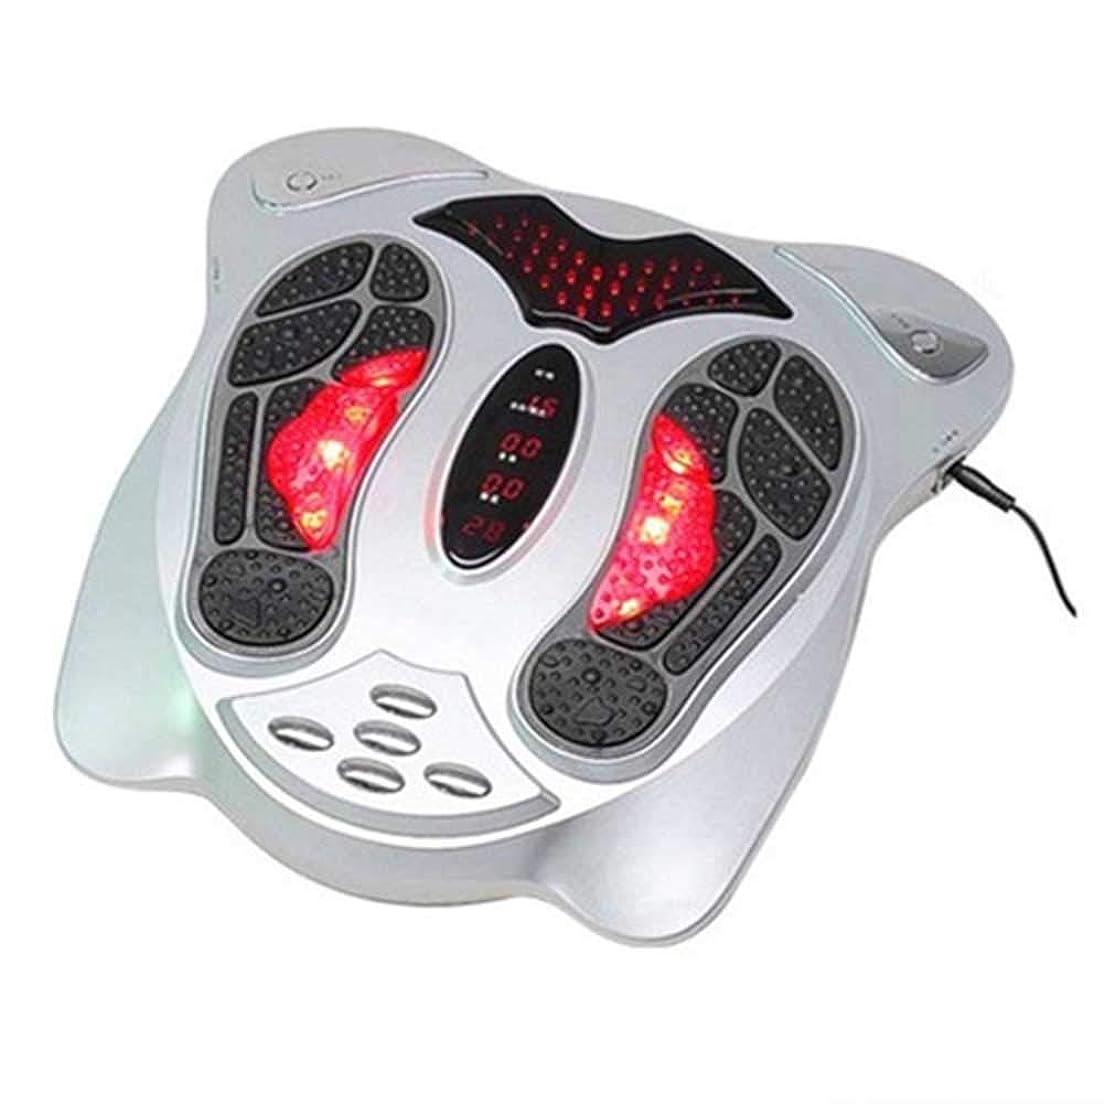 野心的努力する満足血液循環を促進リモートコントロールフットマッサージャー電気脚低周波パルス鍼マッサージャー低周波健康療法機器インテリジェント、シルバー